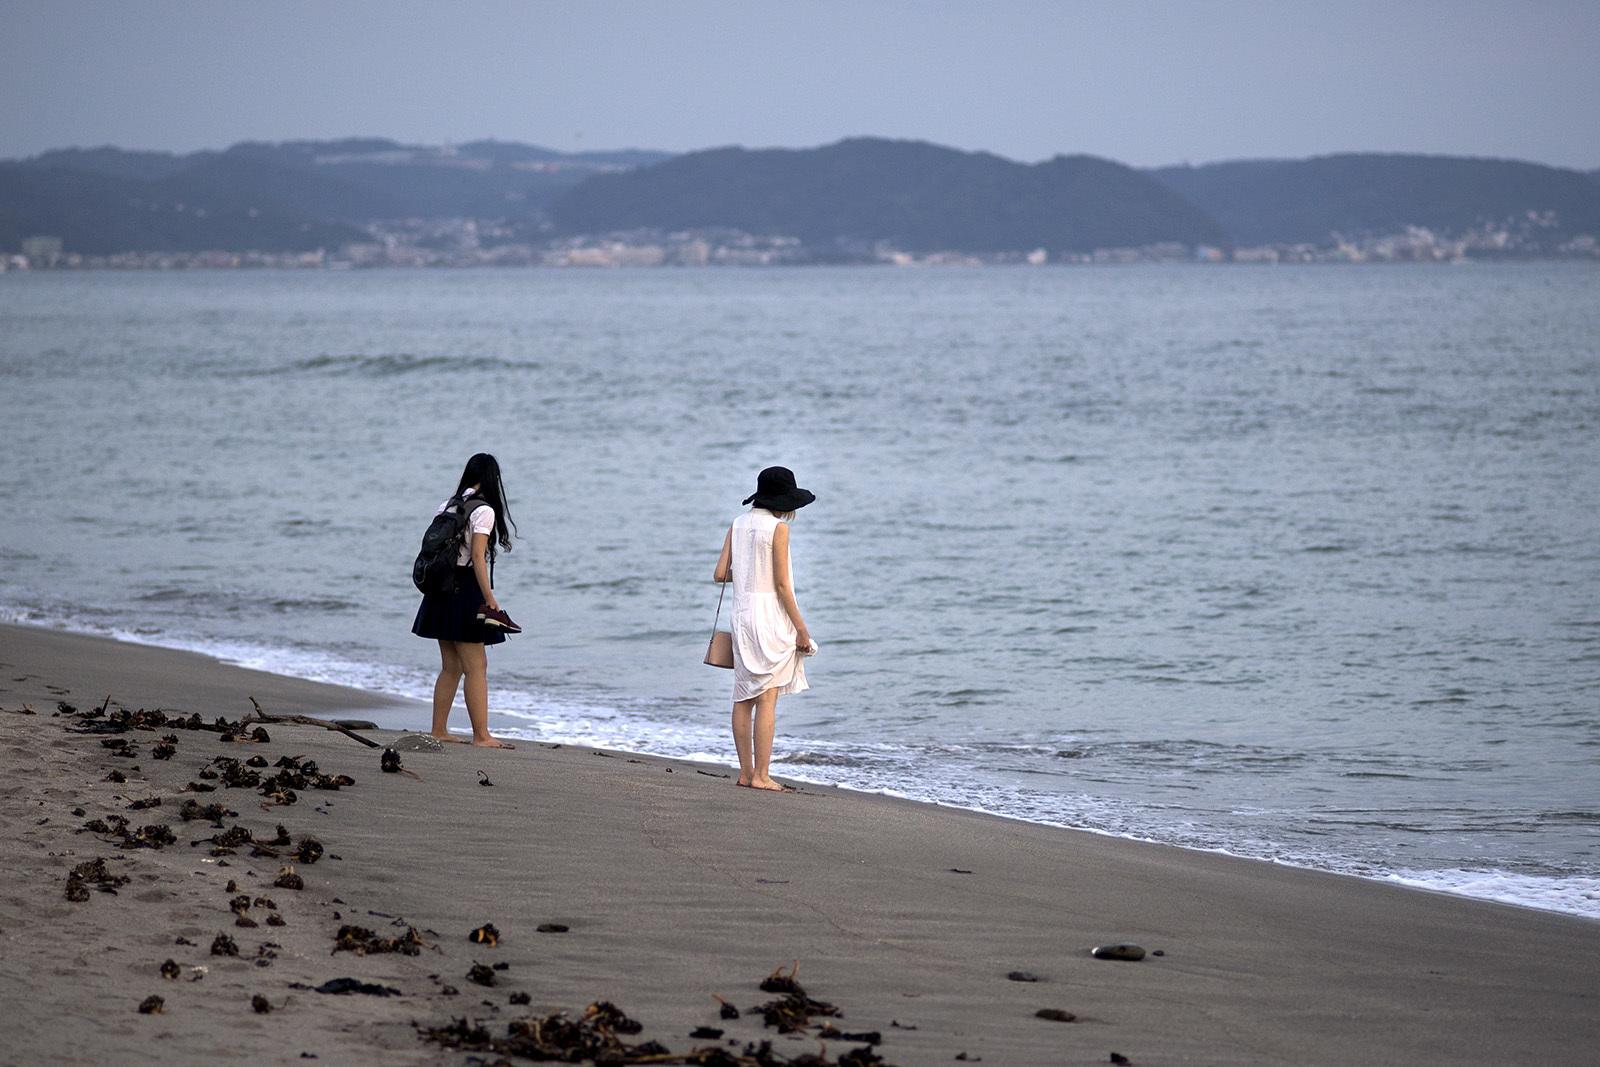 浜辺を歩く人々(5)_e0367501_01285993.jpg